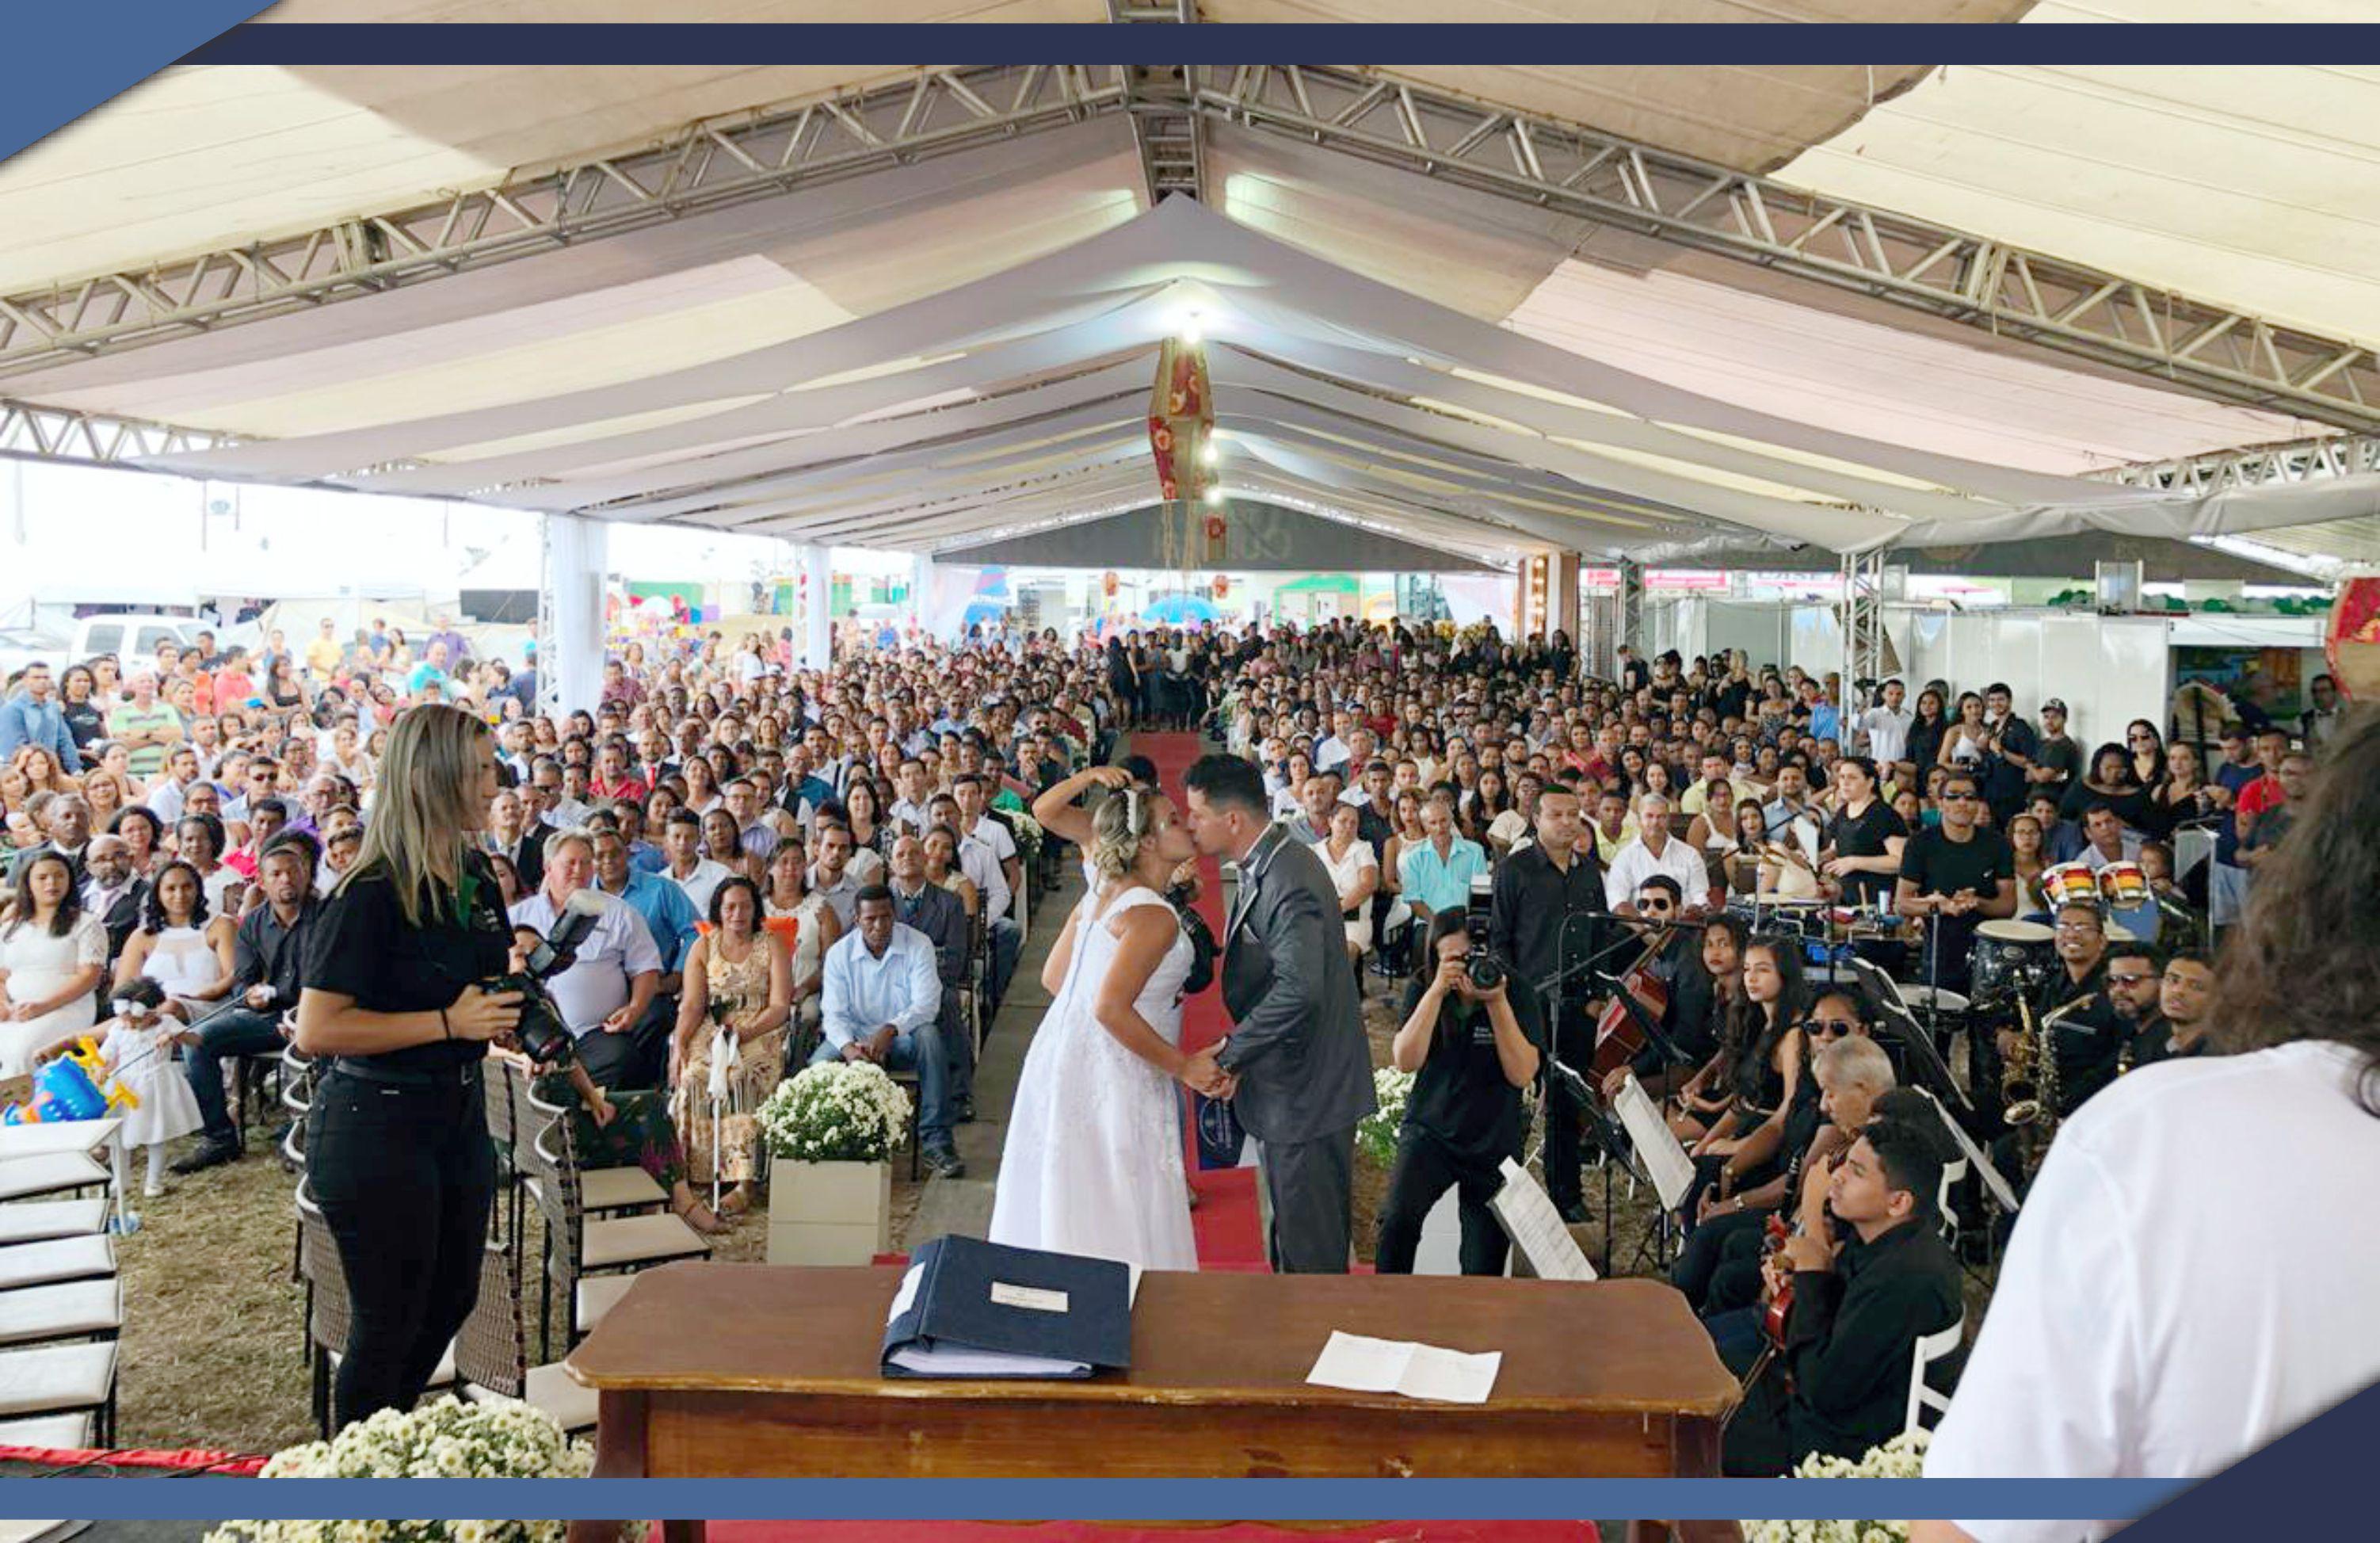 Casamento Comunitário durante os festejos da EXPOSAMA 2018